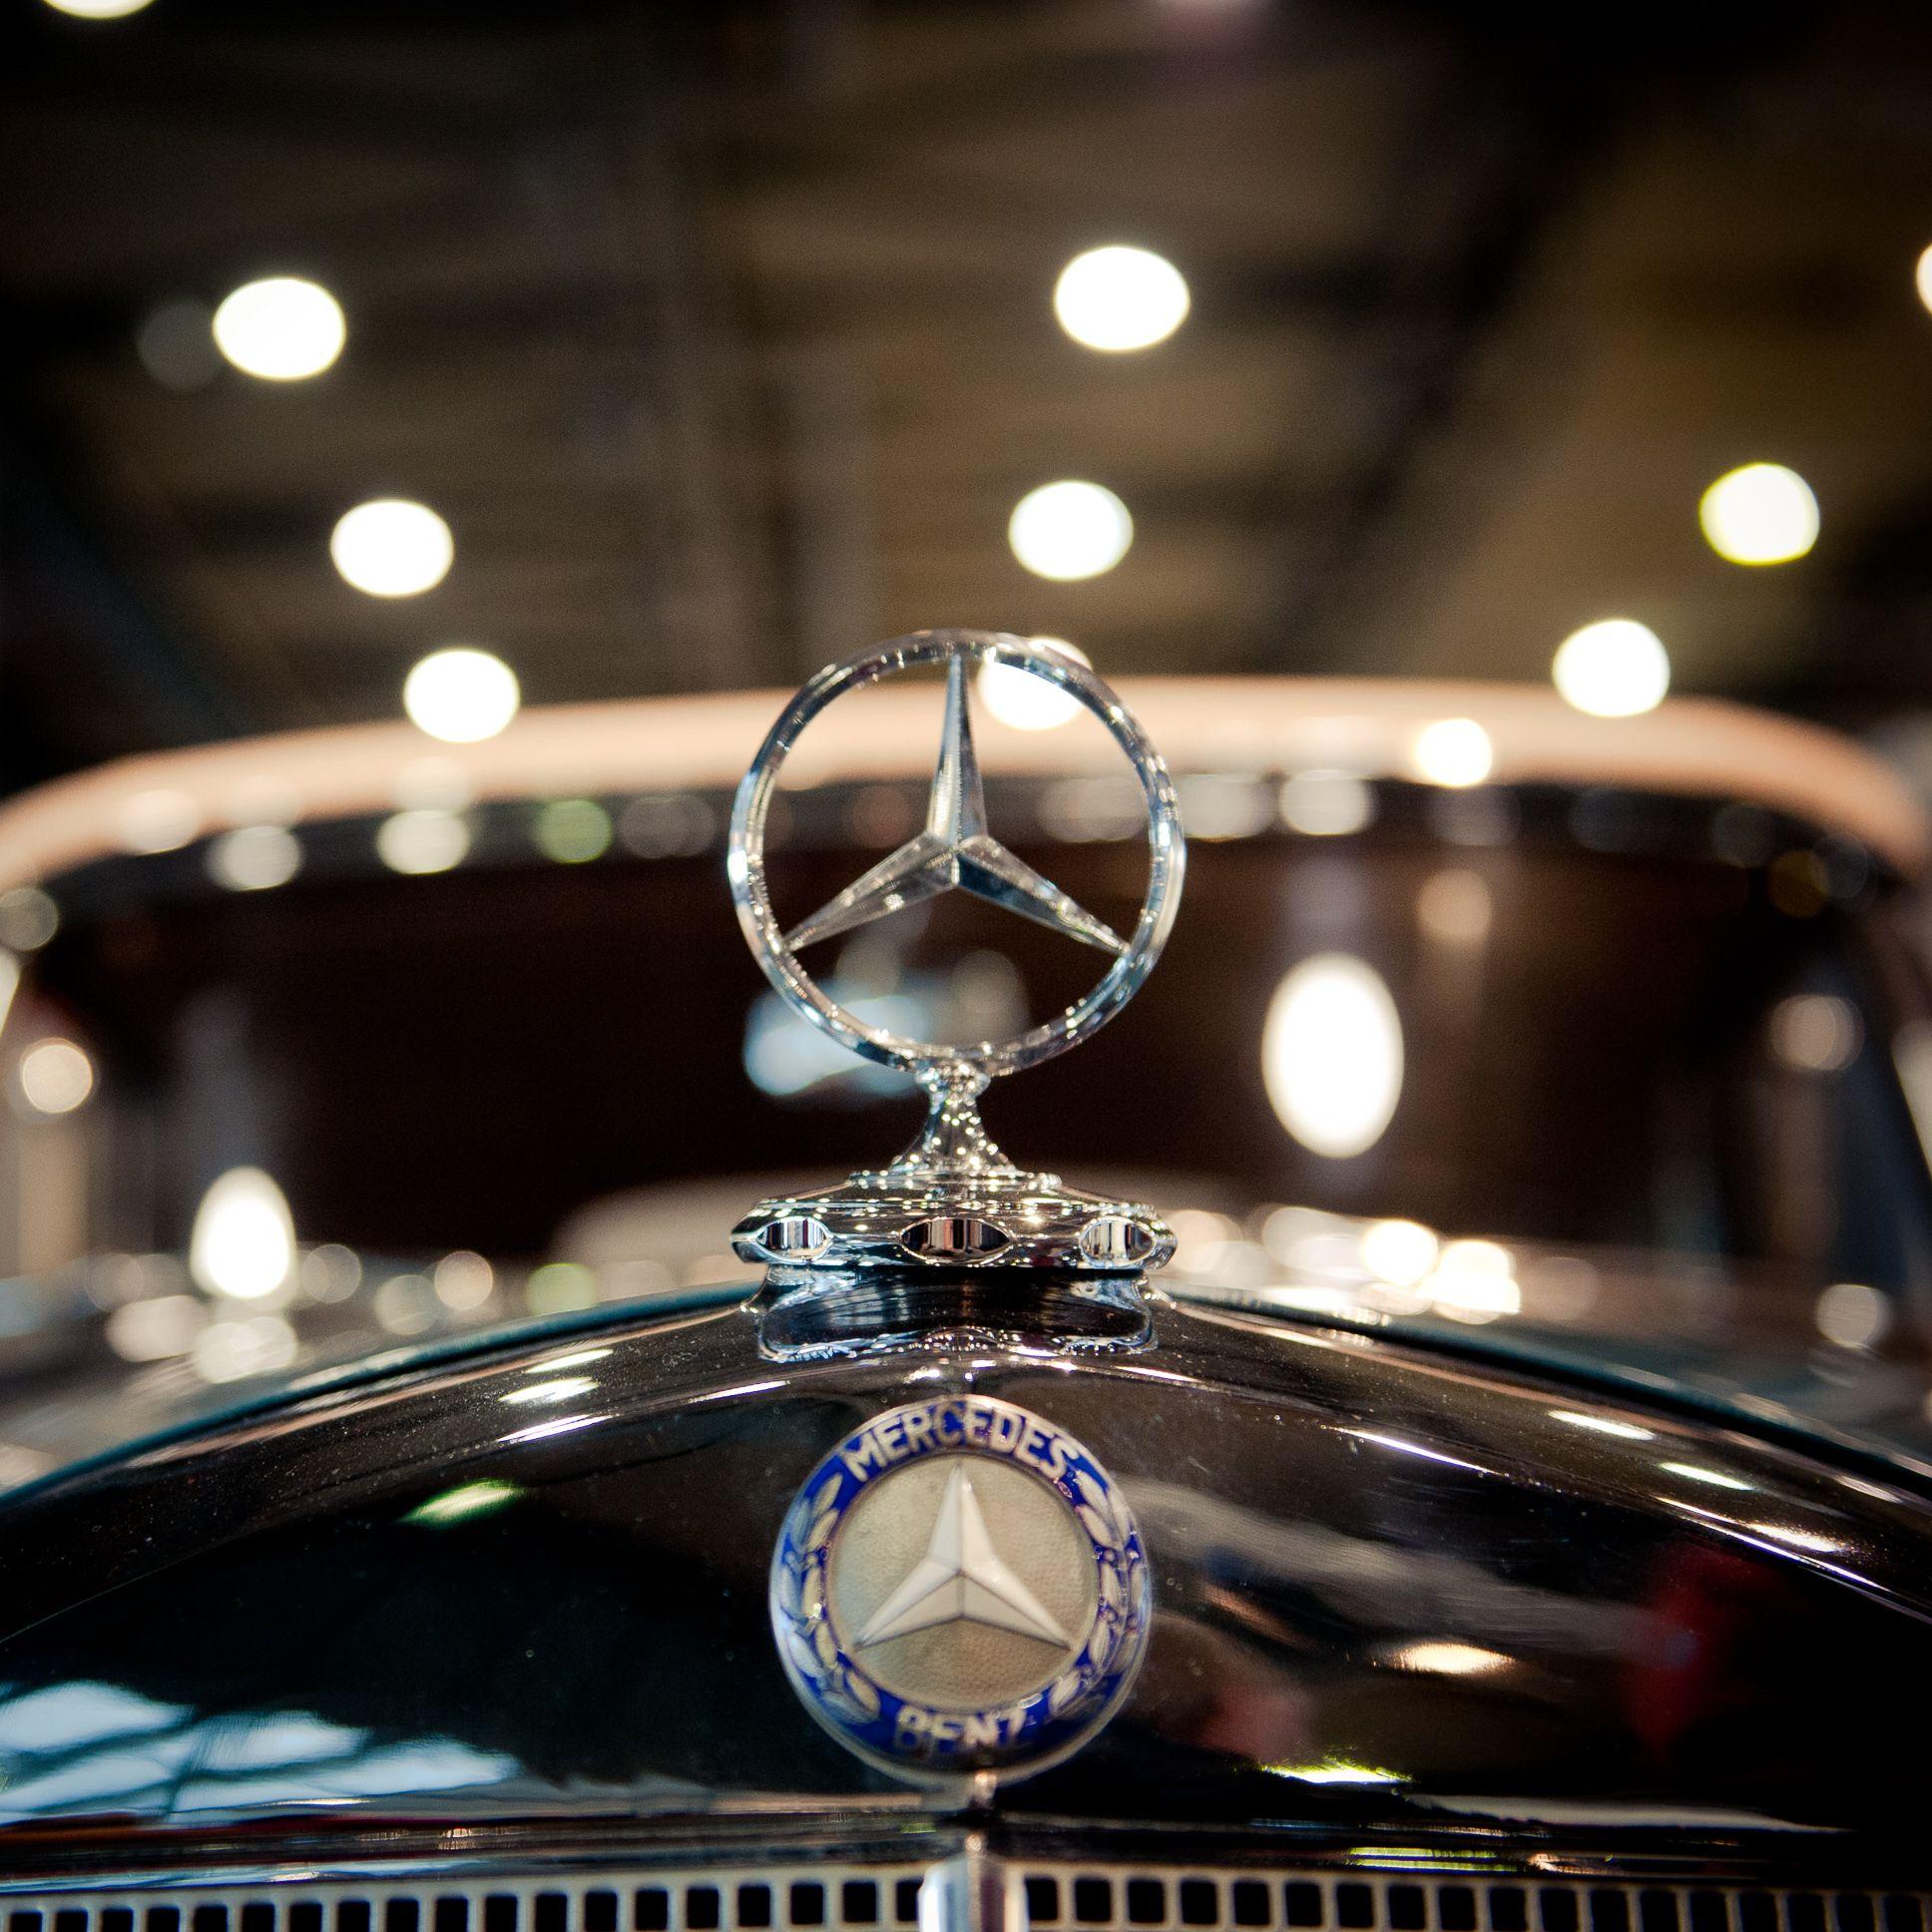 Vintage Mercedes Benz by Jan Gleitsmann